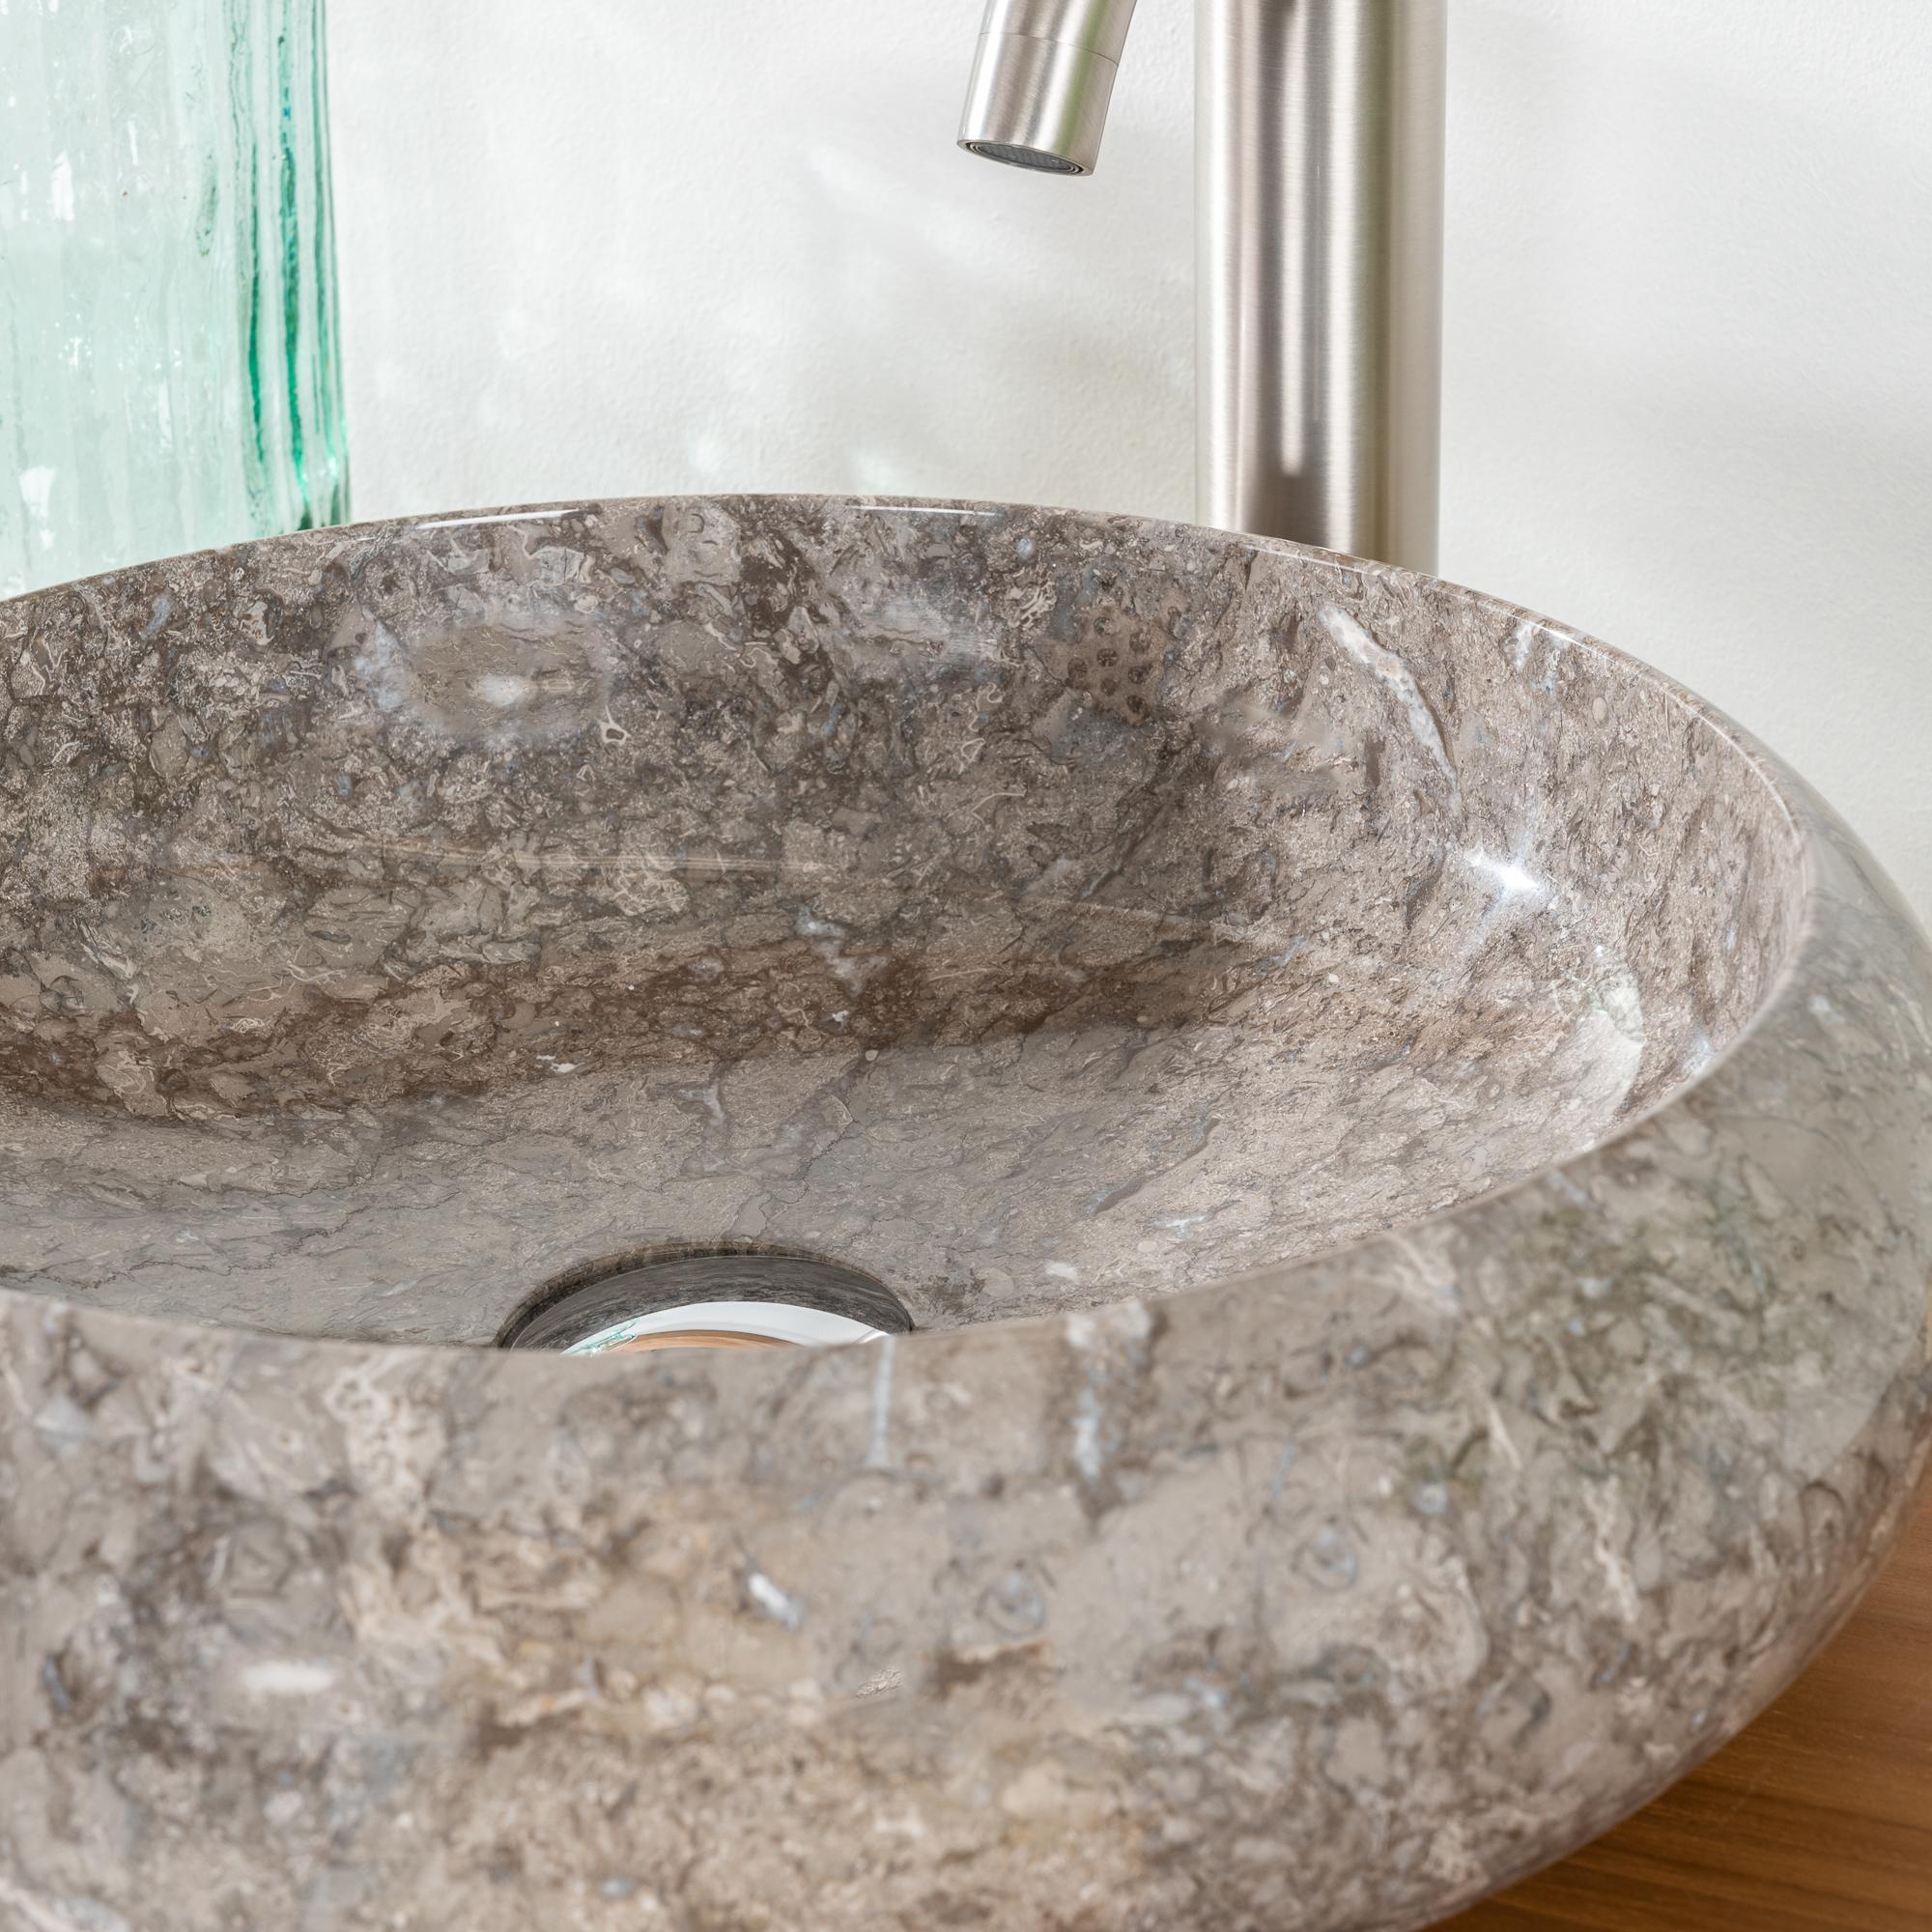 Vasque salle de bain poser venise gris taupe 40cm - Vasque a poser salle de bain ...